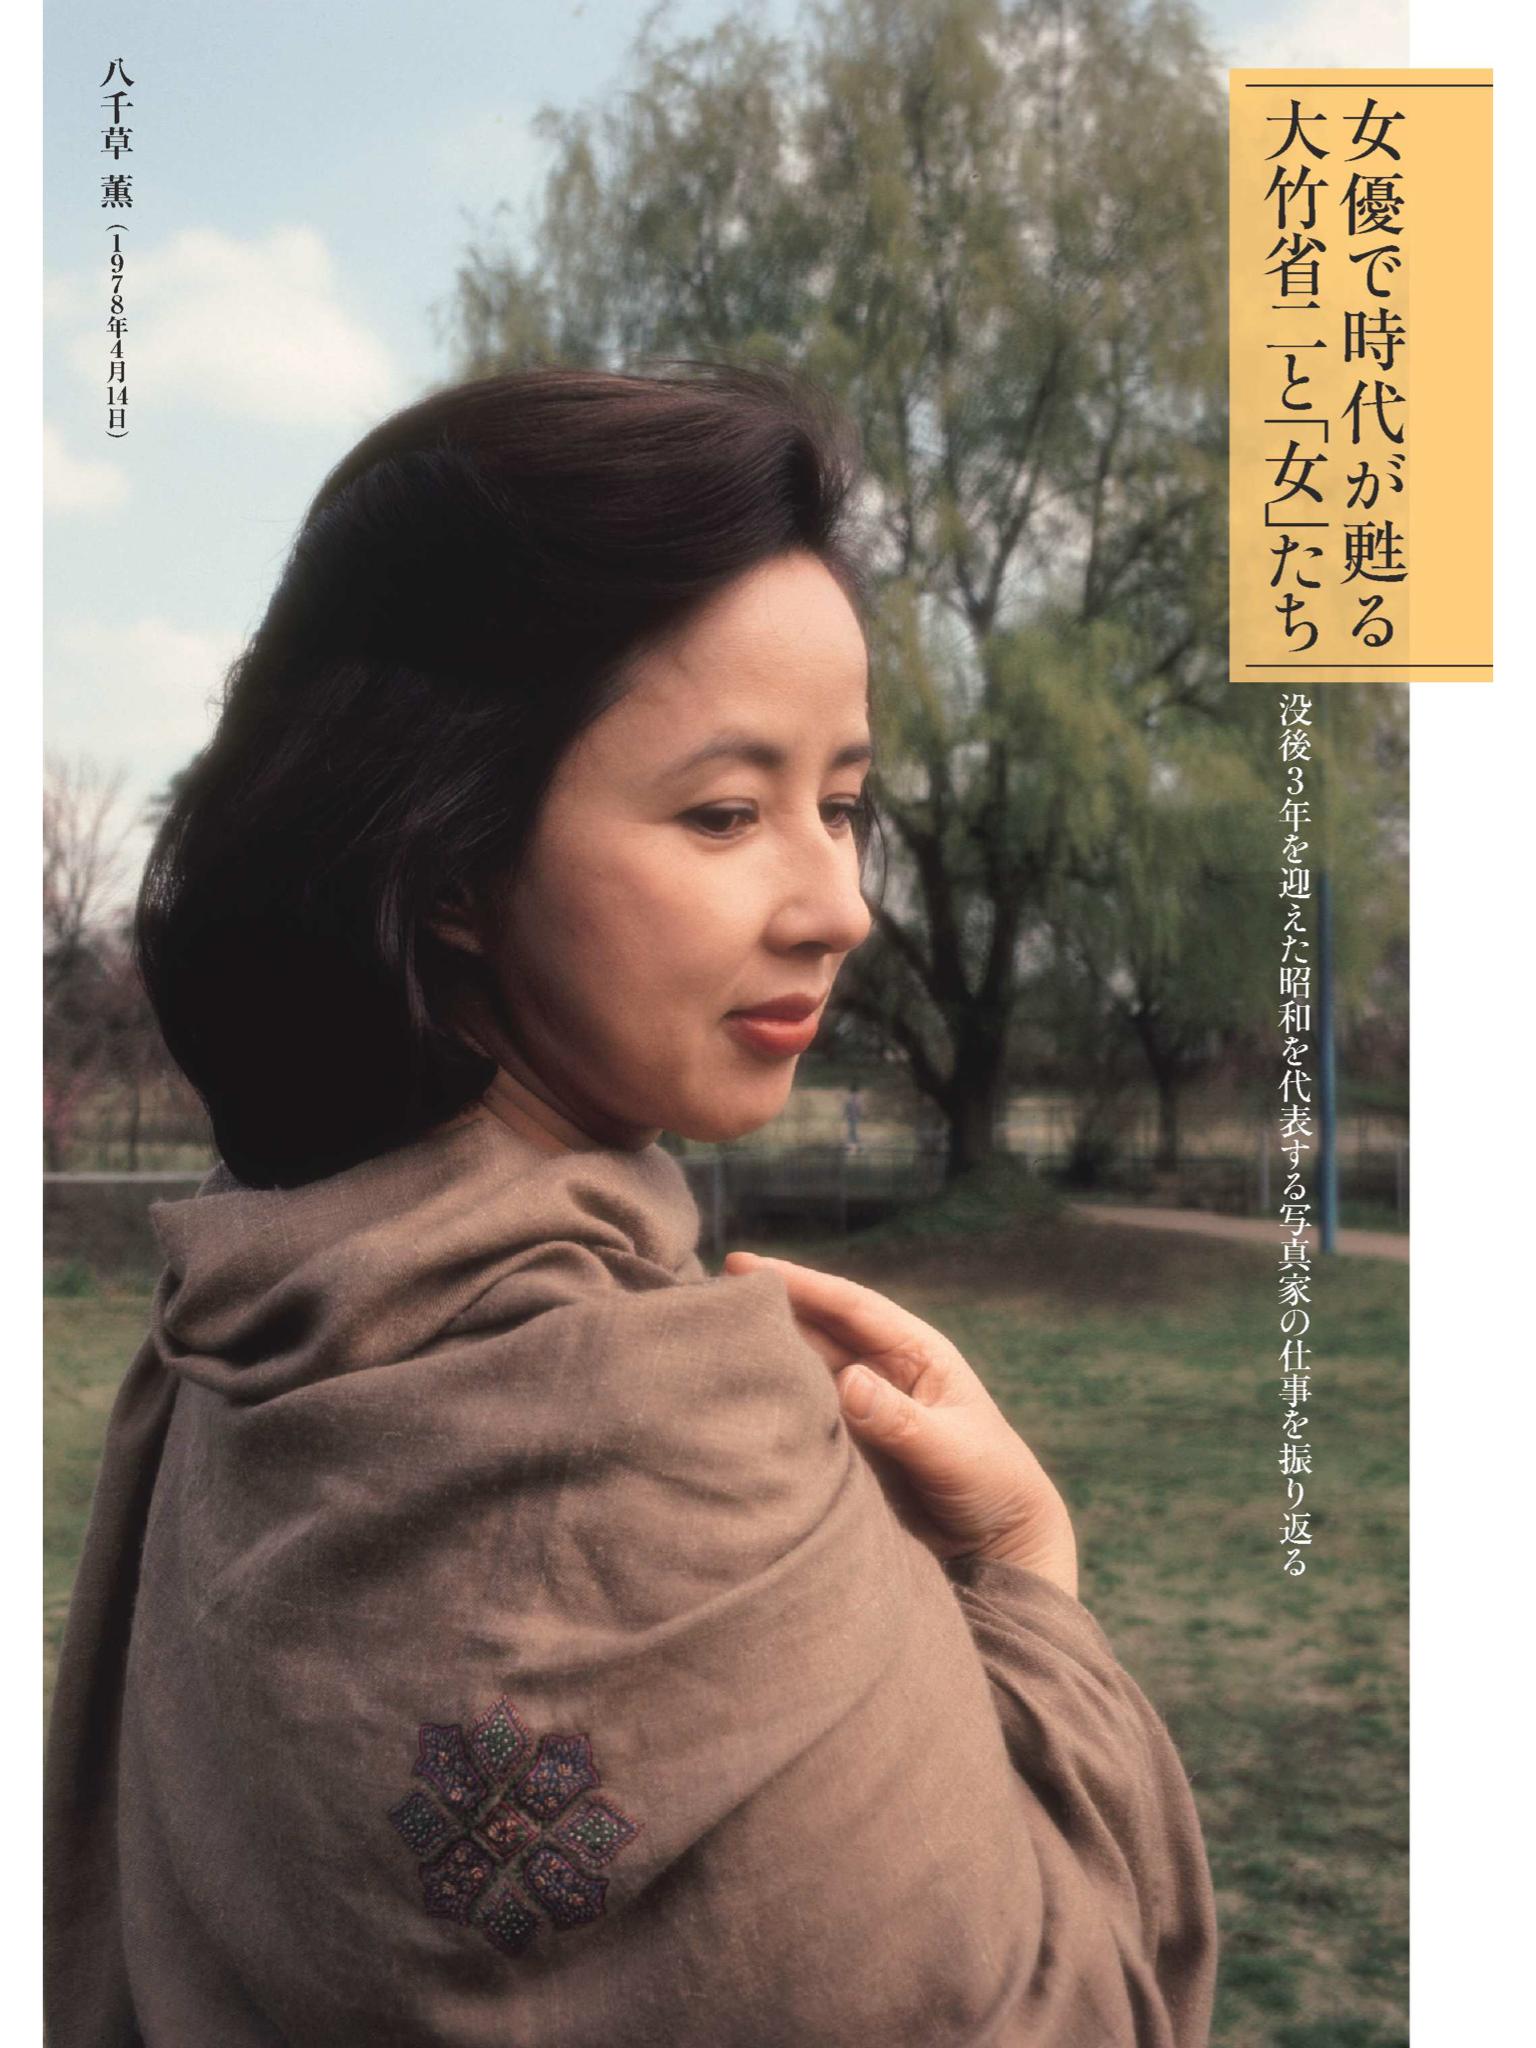 八千草薫の画像 p1_12